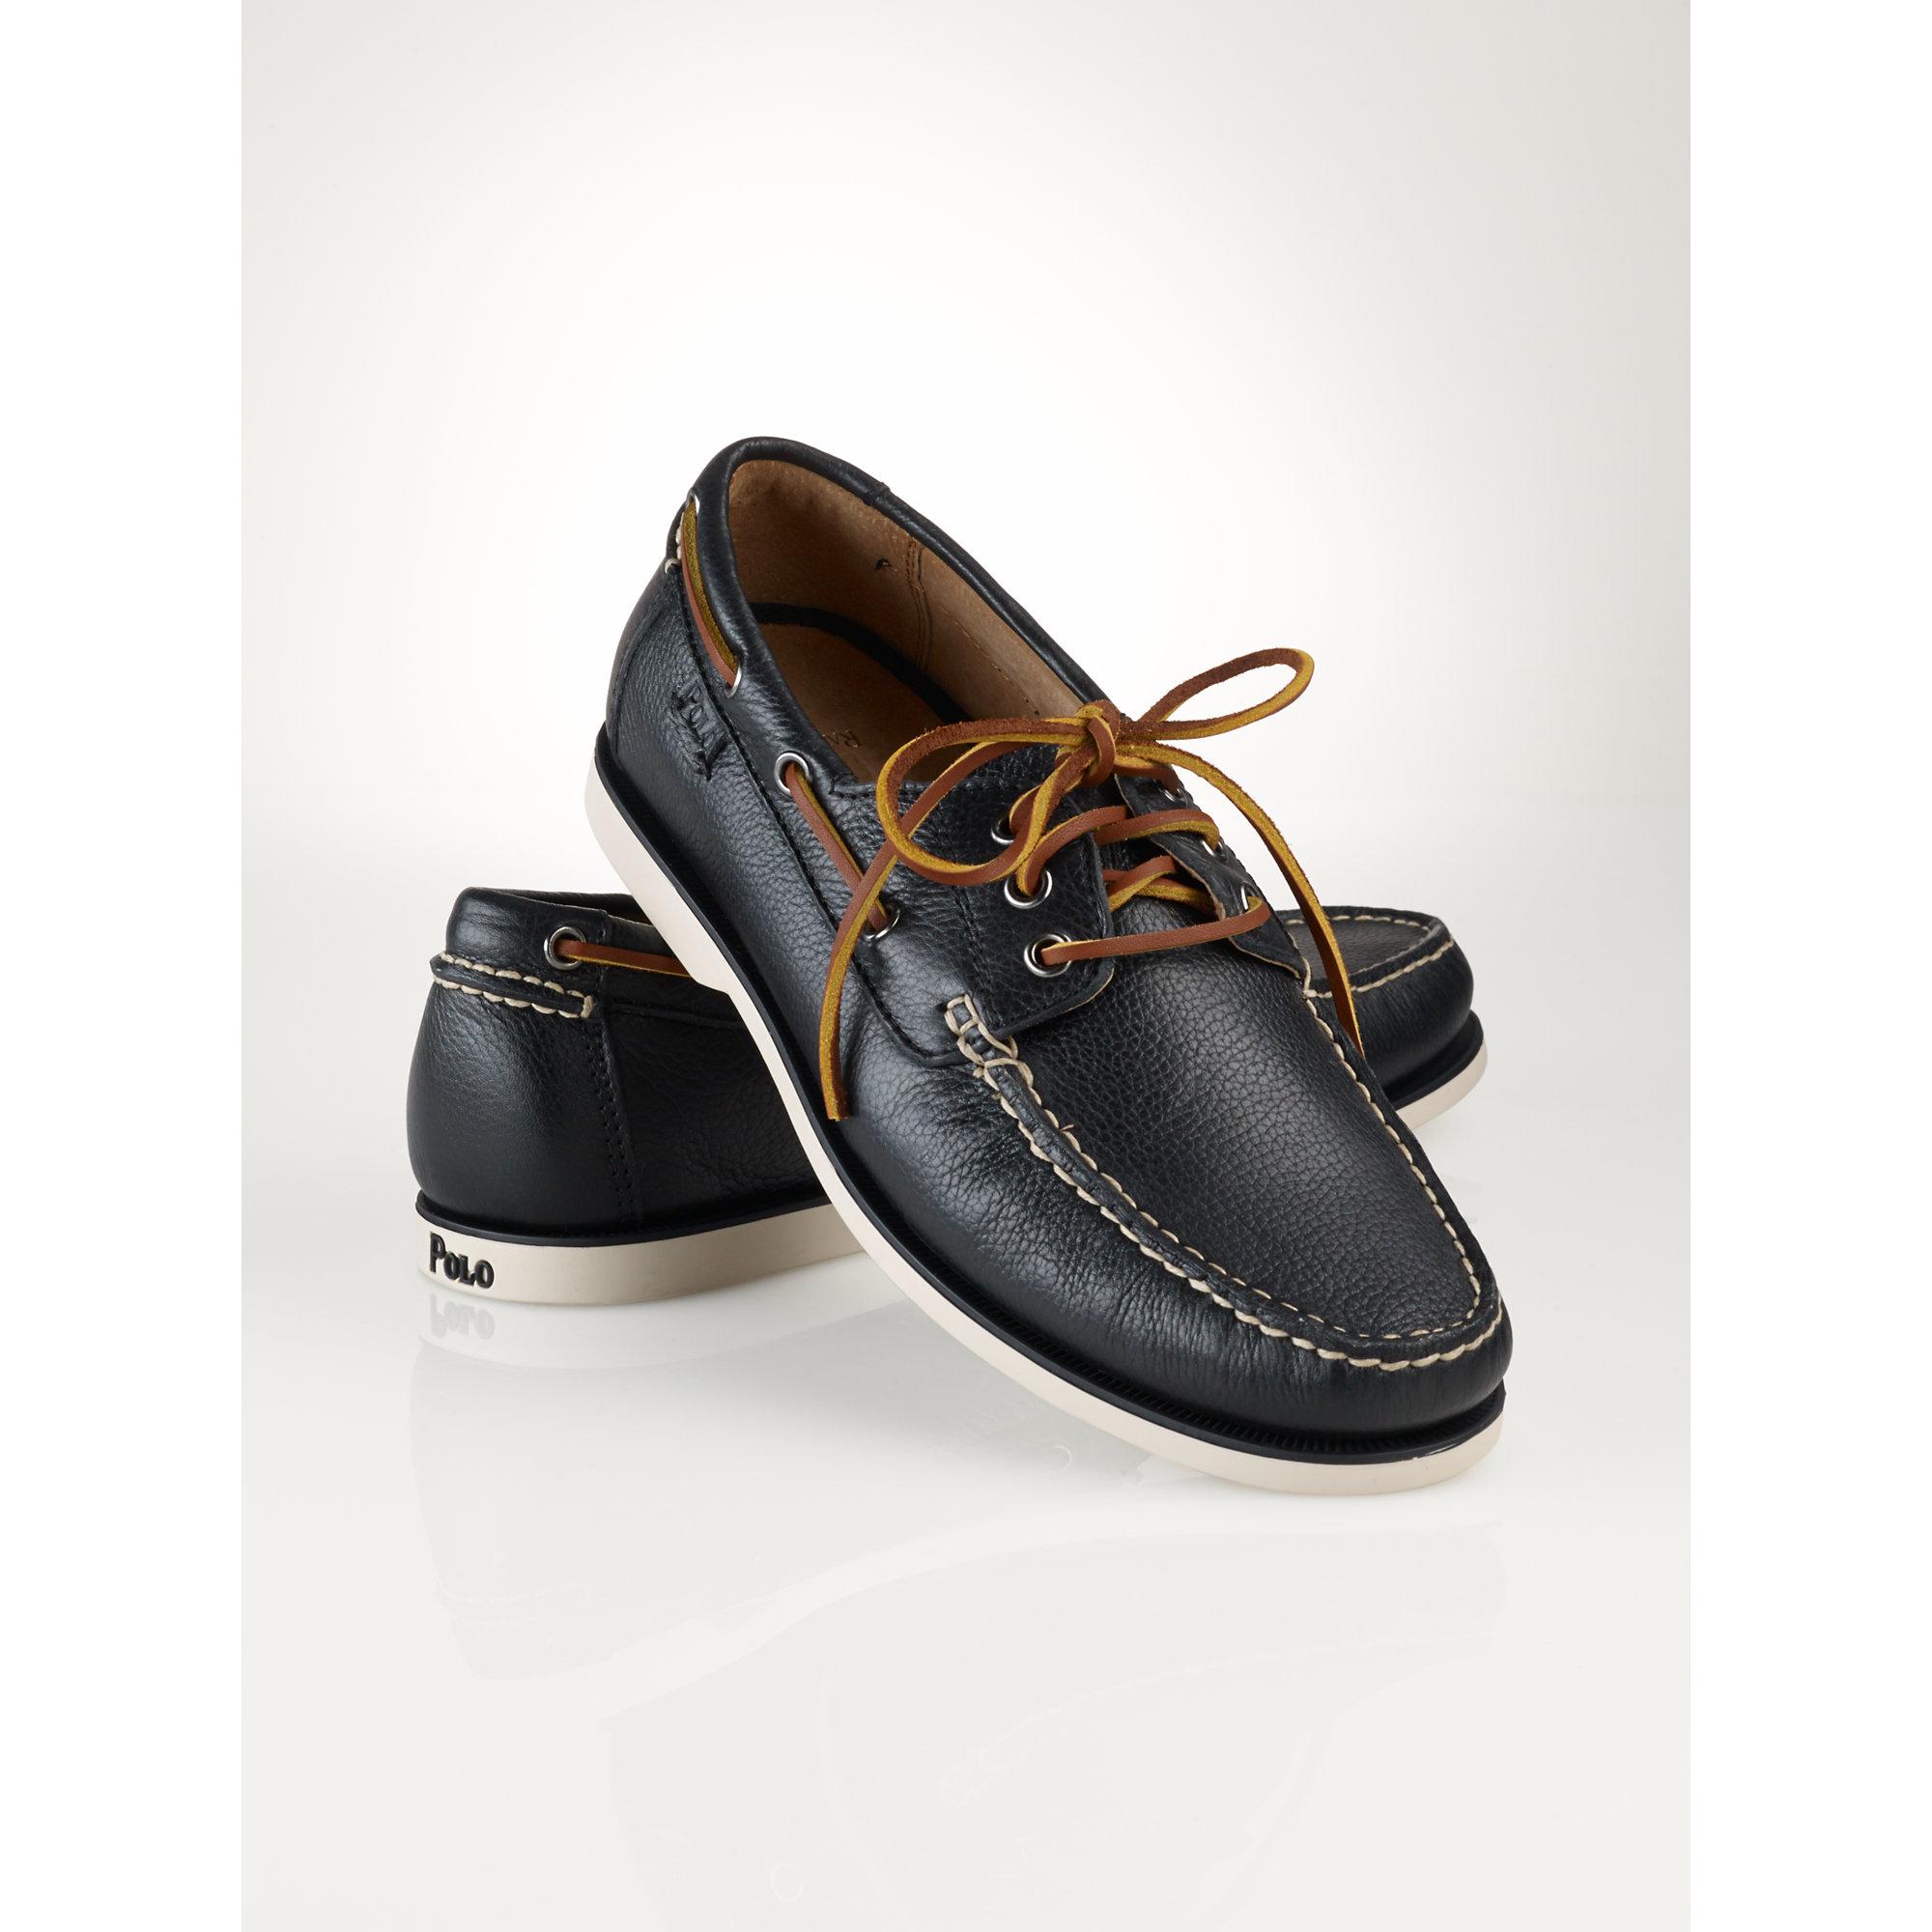 Polo Ralph Lauren Bienne Boat Shoe in